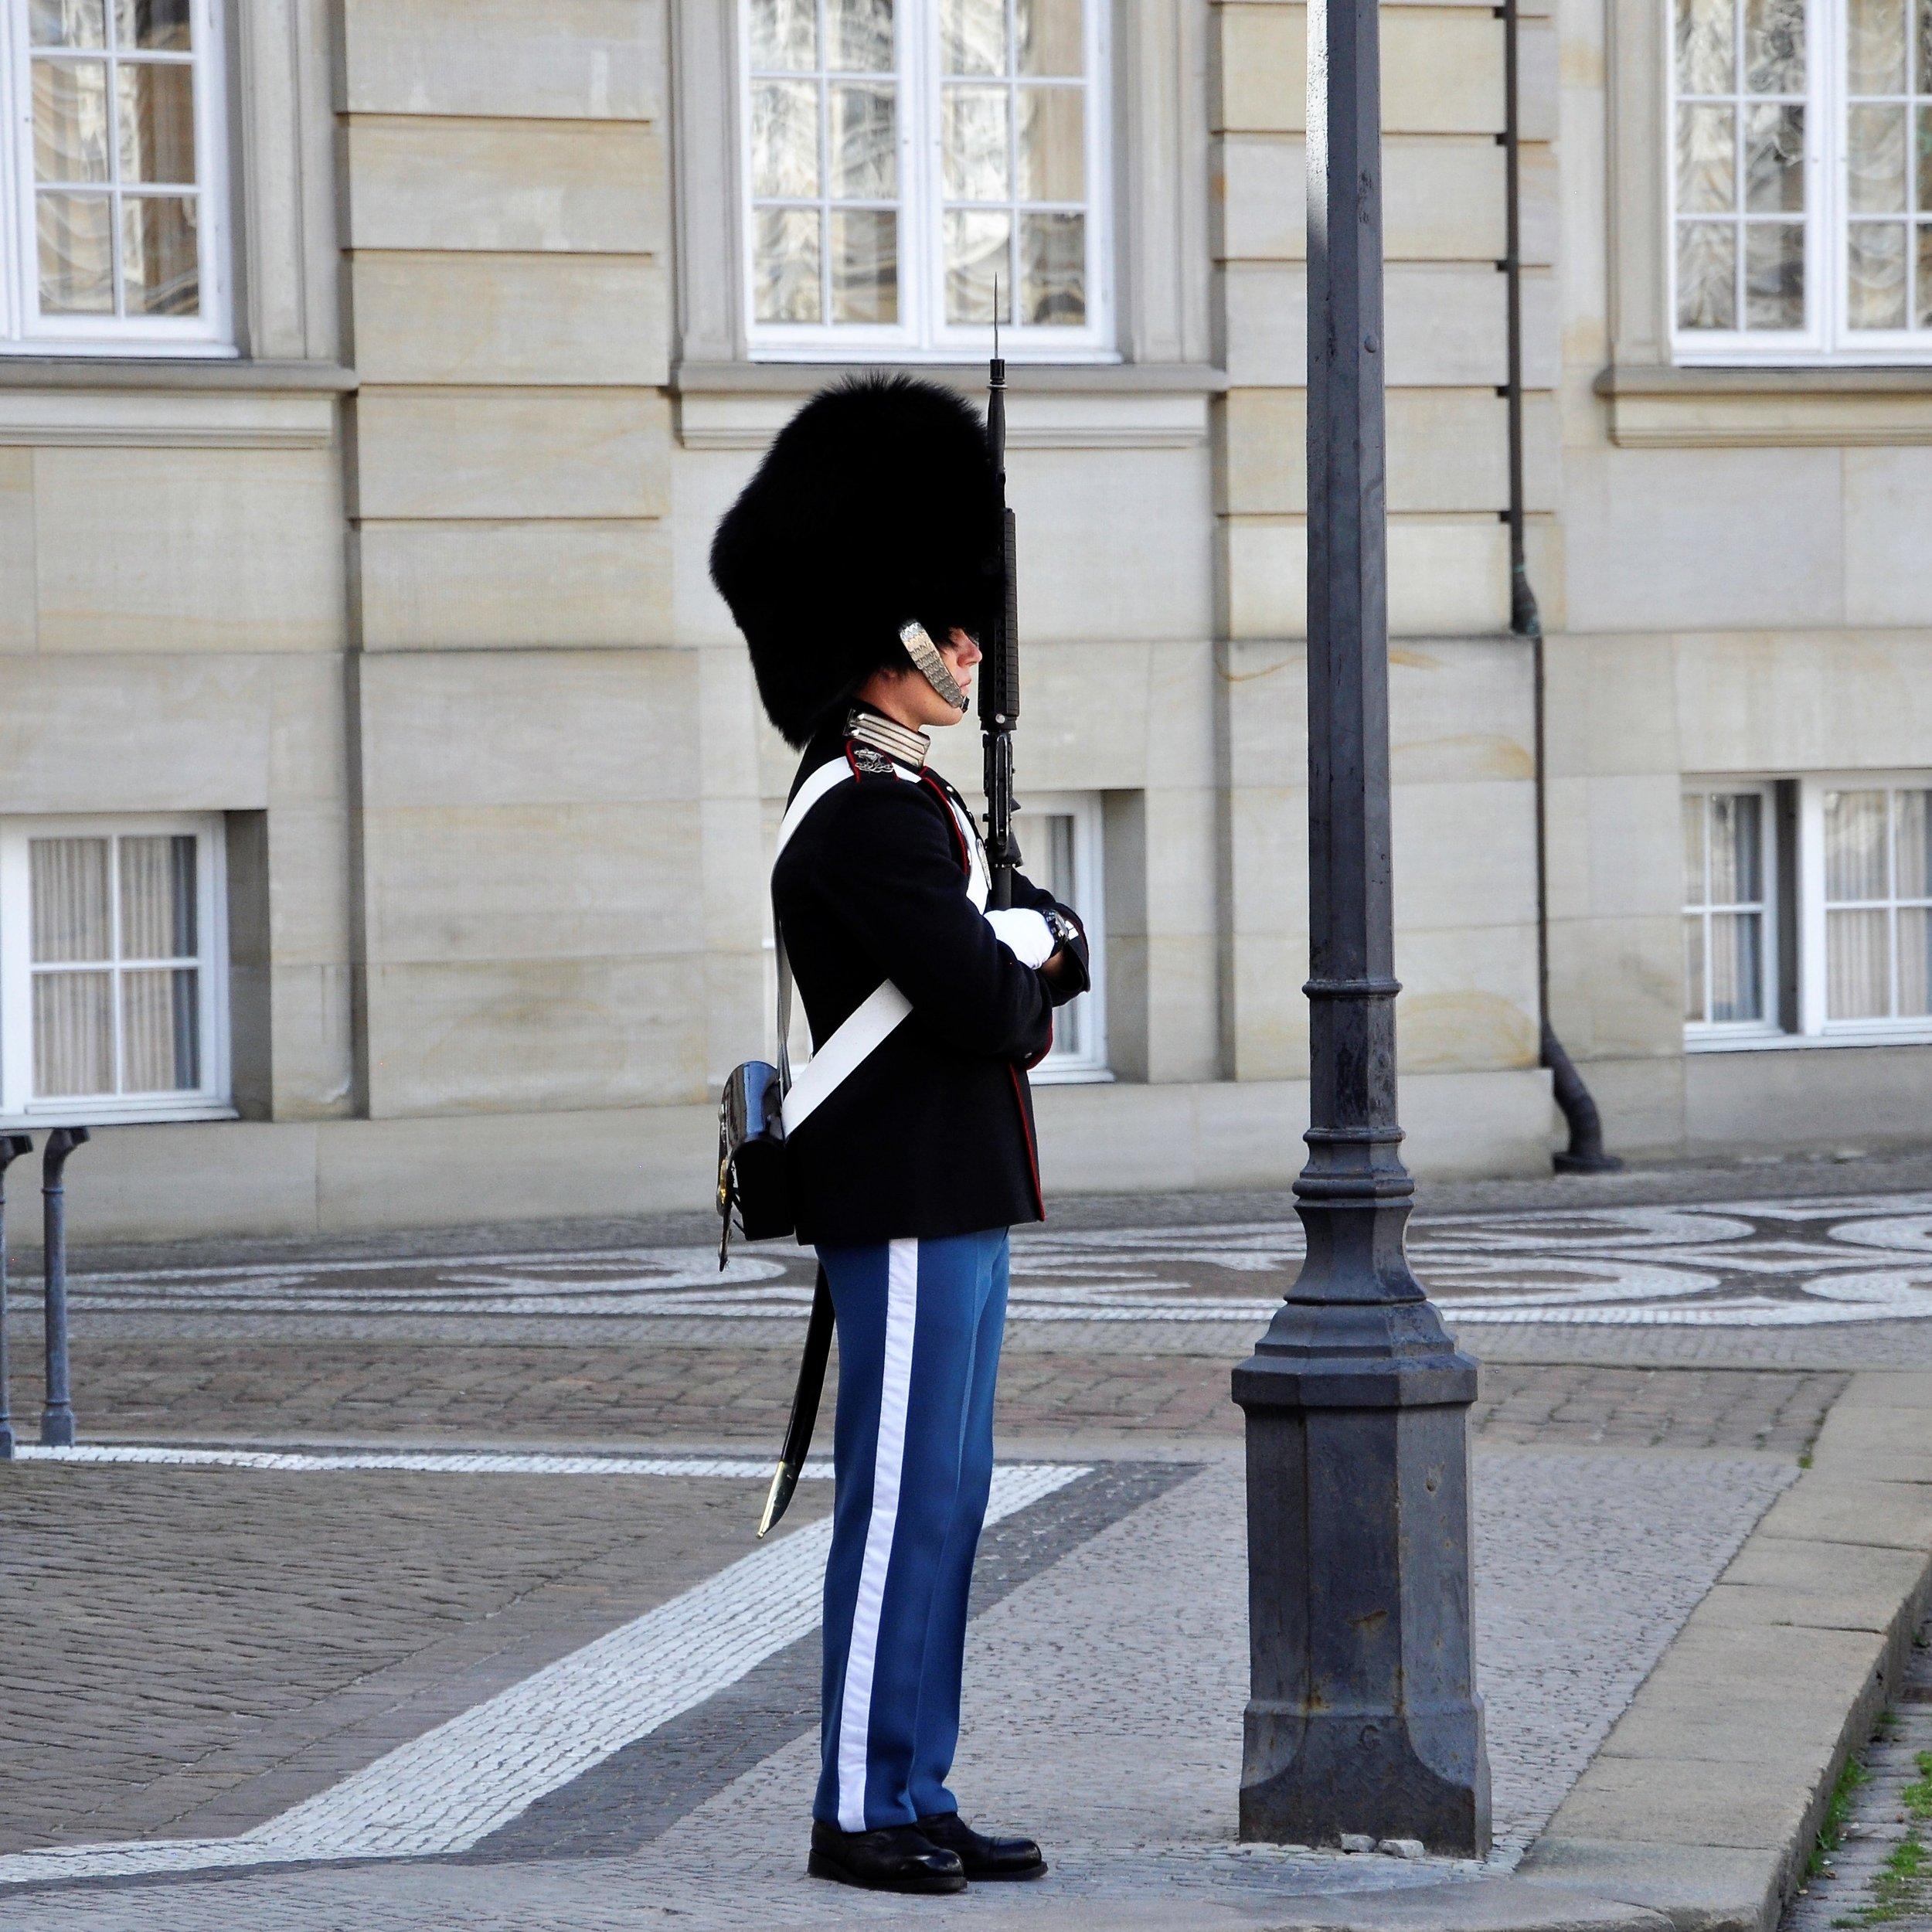 queen_s guard.JPG